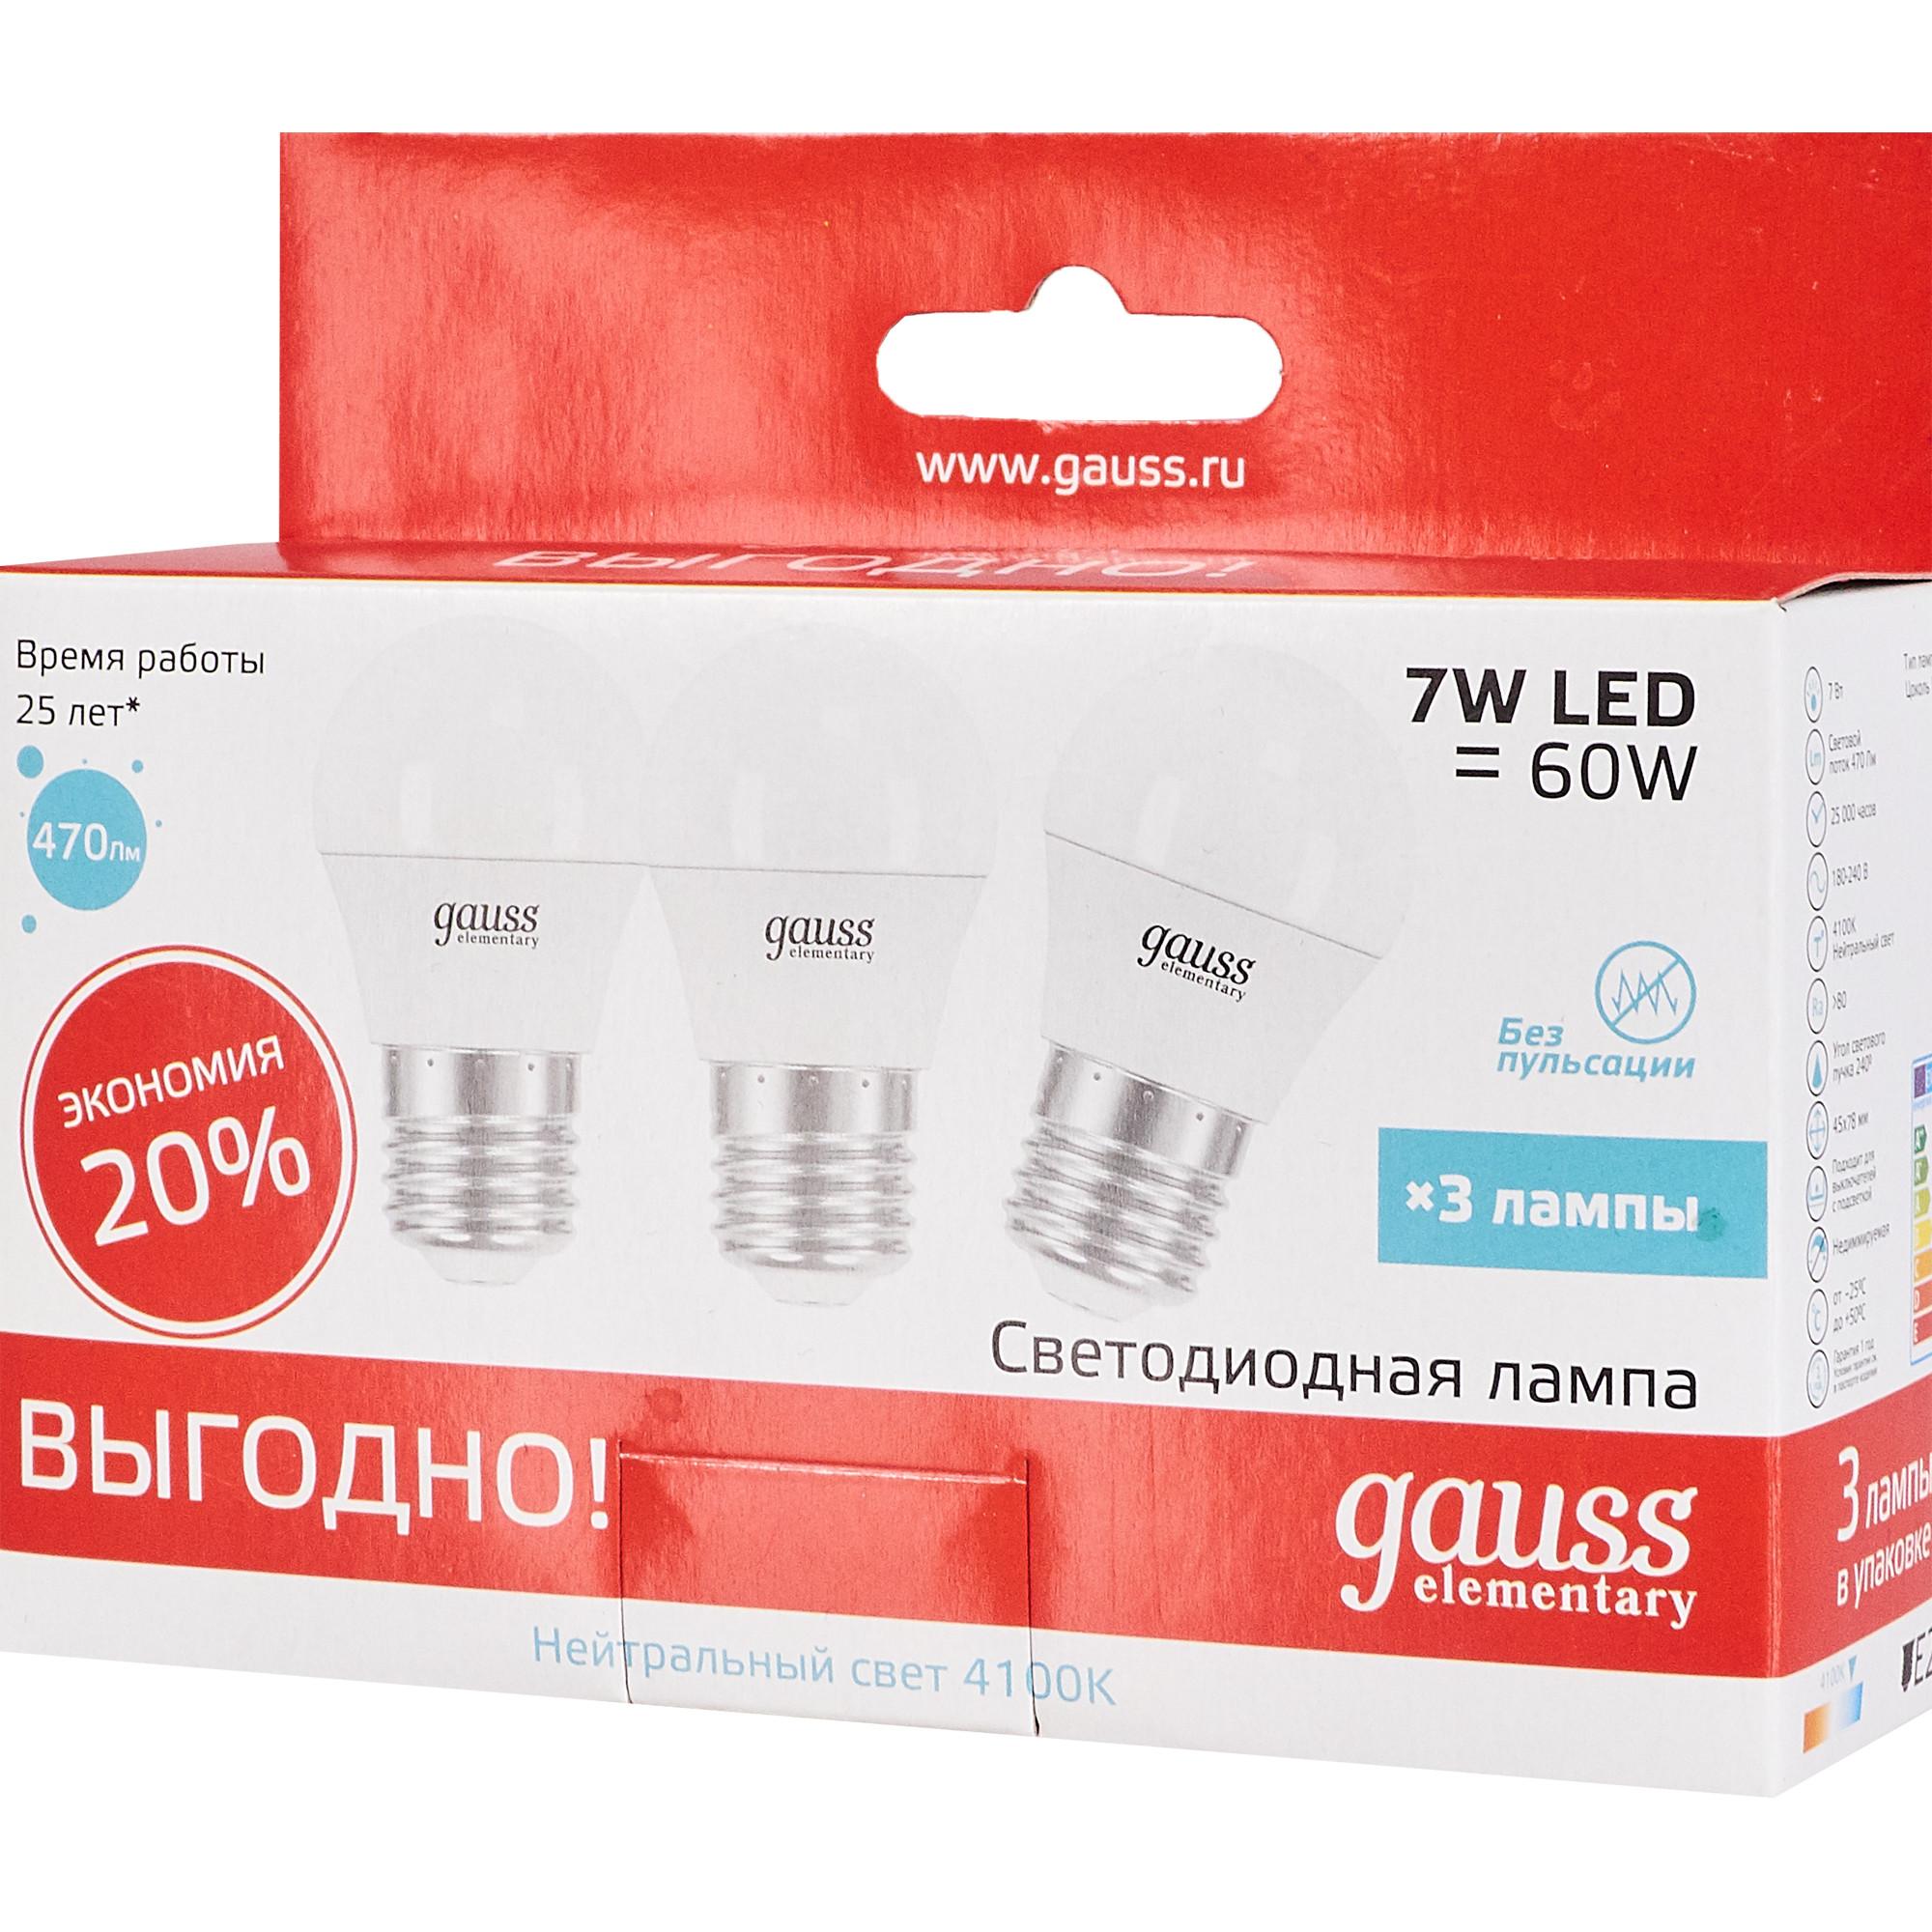 Набор ламп светодиодных E27 230 В 7 Вт шар матовый 470 лм нейтральный белый свет 3 шт.